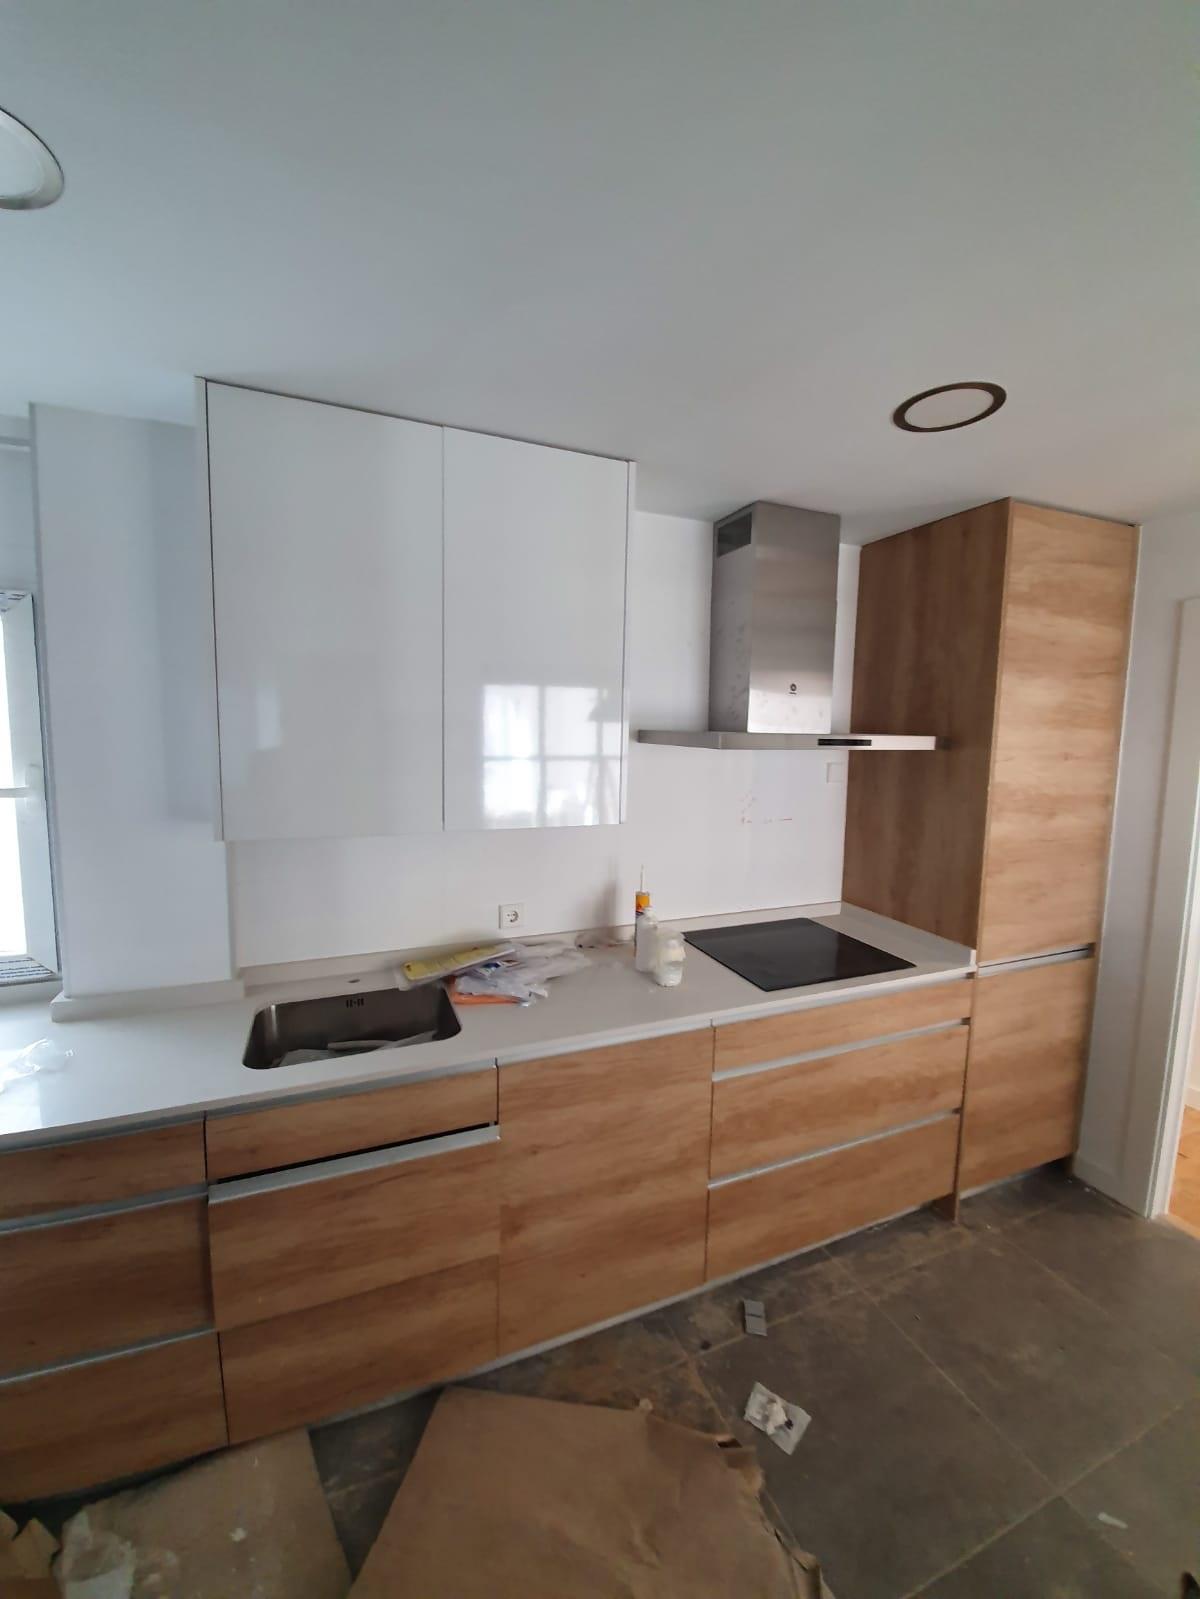 Muebles de ¿Que determina el diseño de cocinas pequeñas?